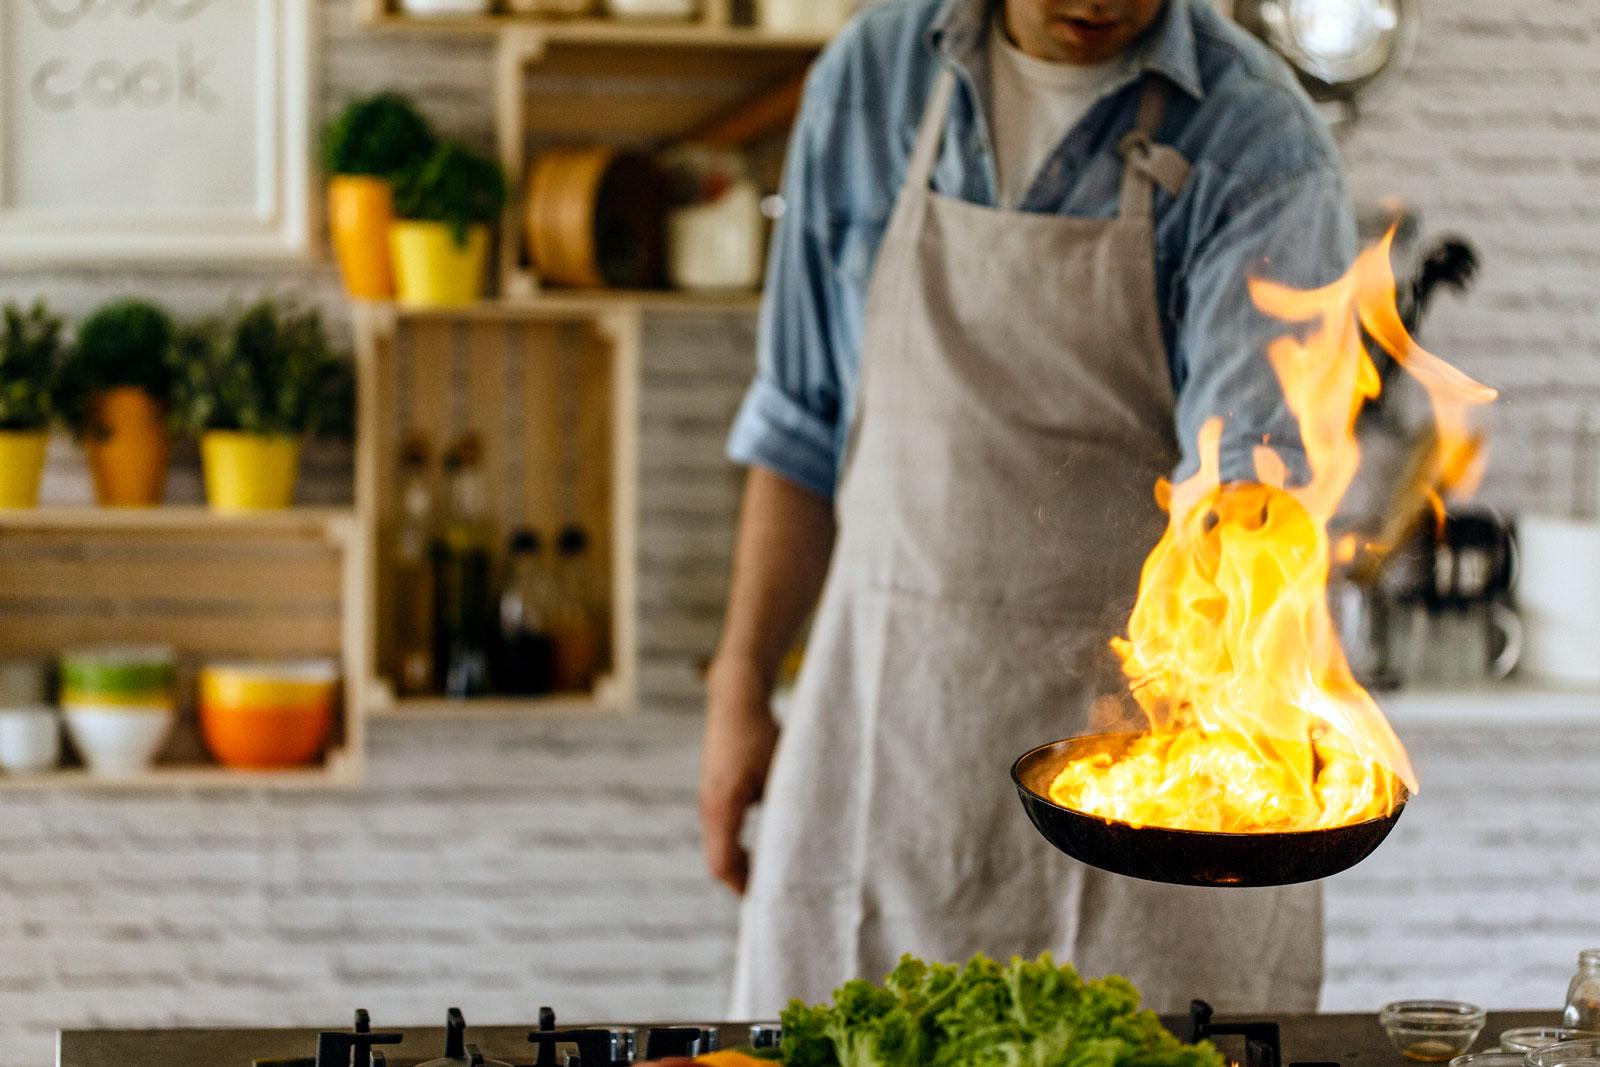 Vorsicht Flamme: Bei Brandwunden ist schnelles Handeln gefragt.